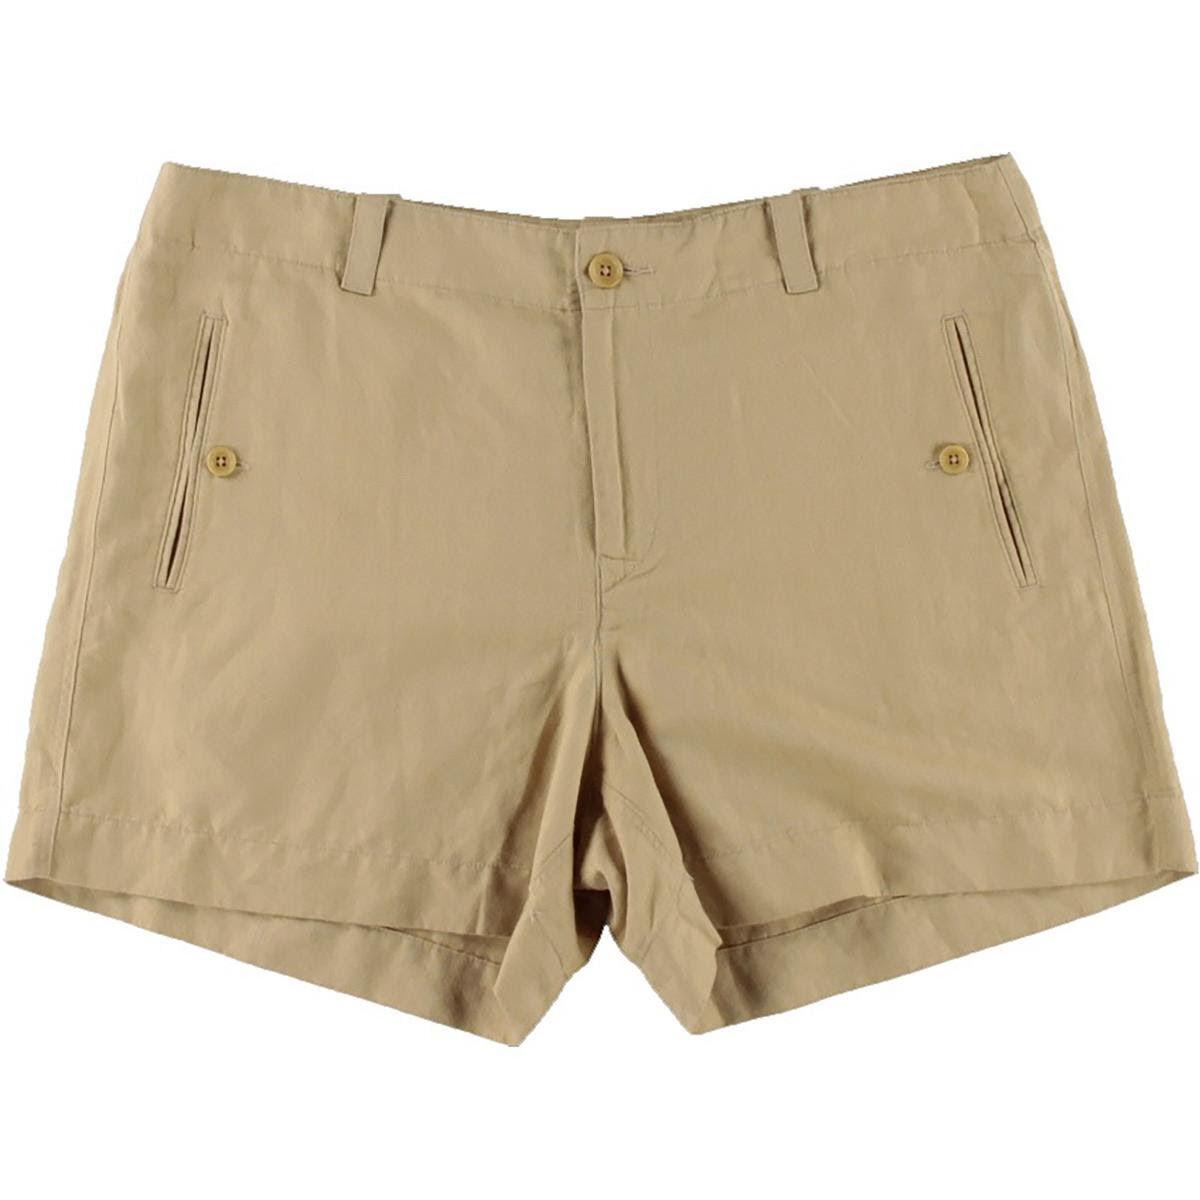 Lauren Ralph Lauren Shorts Safari Tan Linen Blend Woven AU14 W32 US10 NEW Women